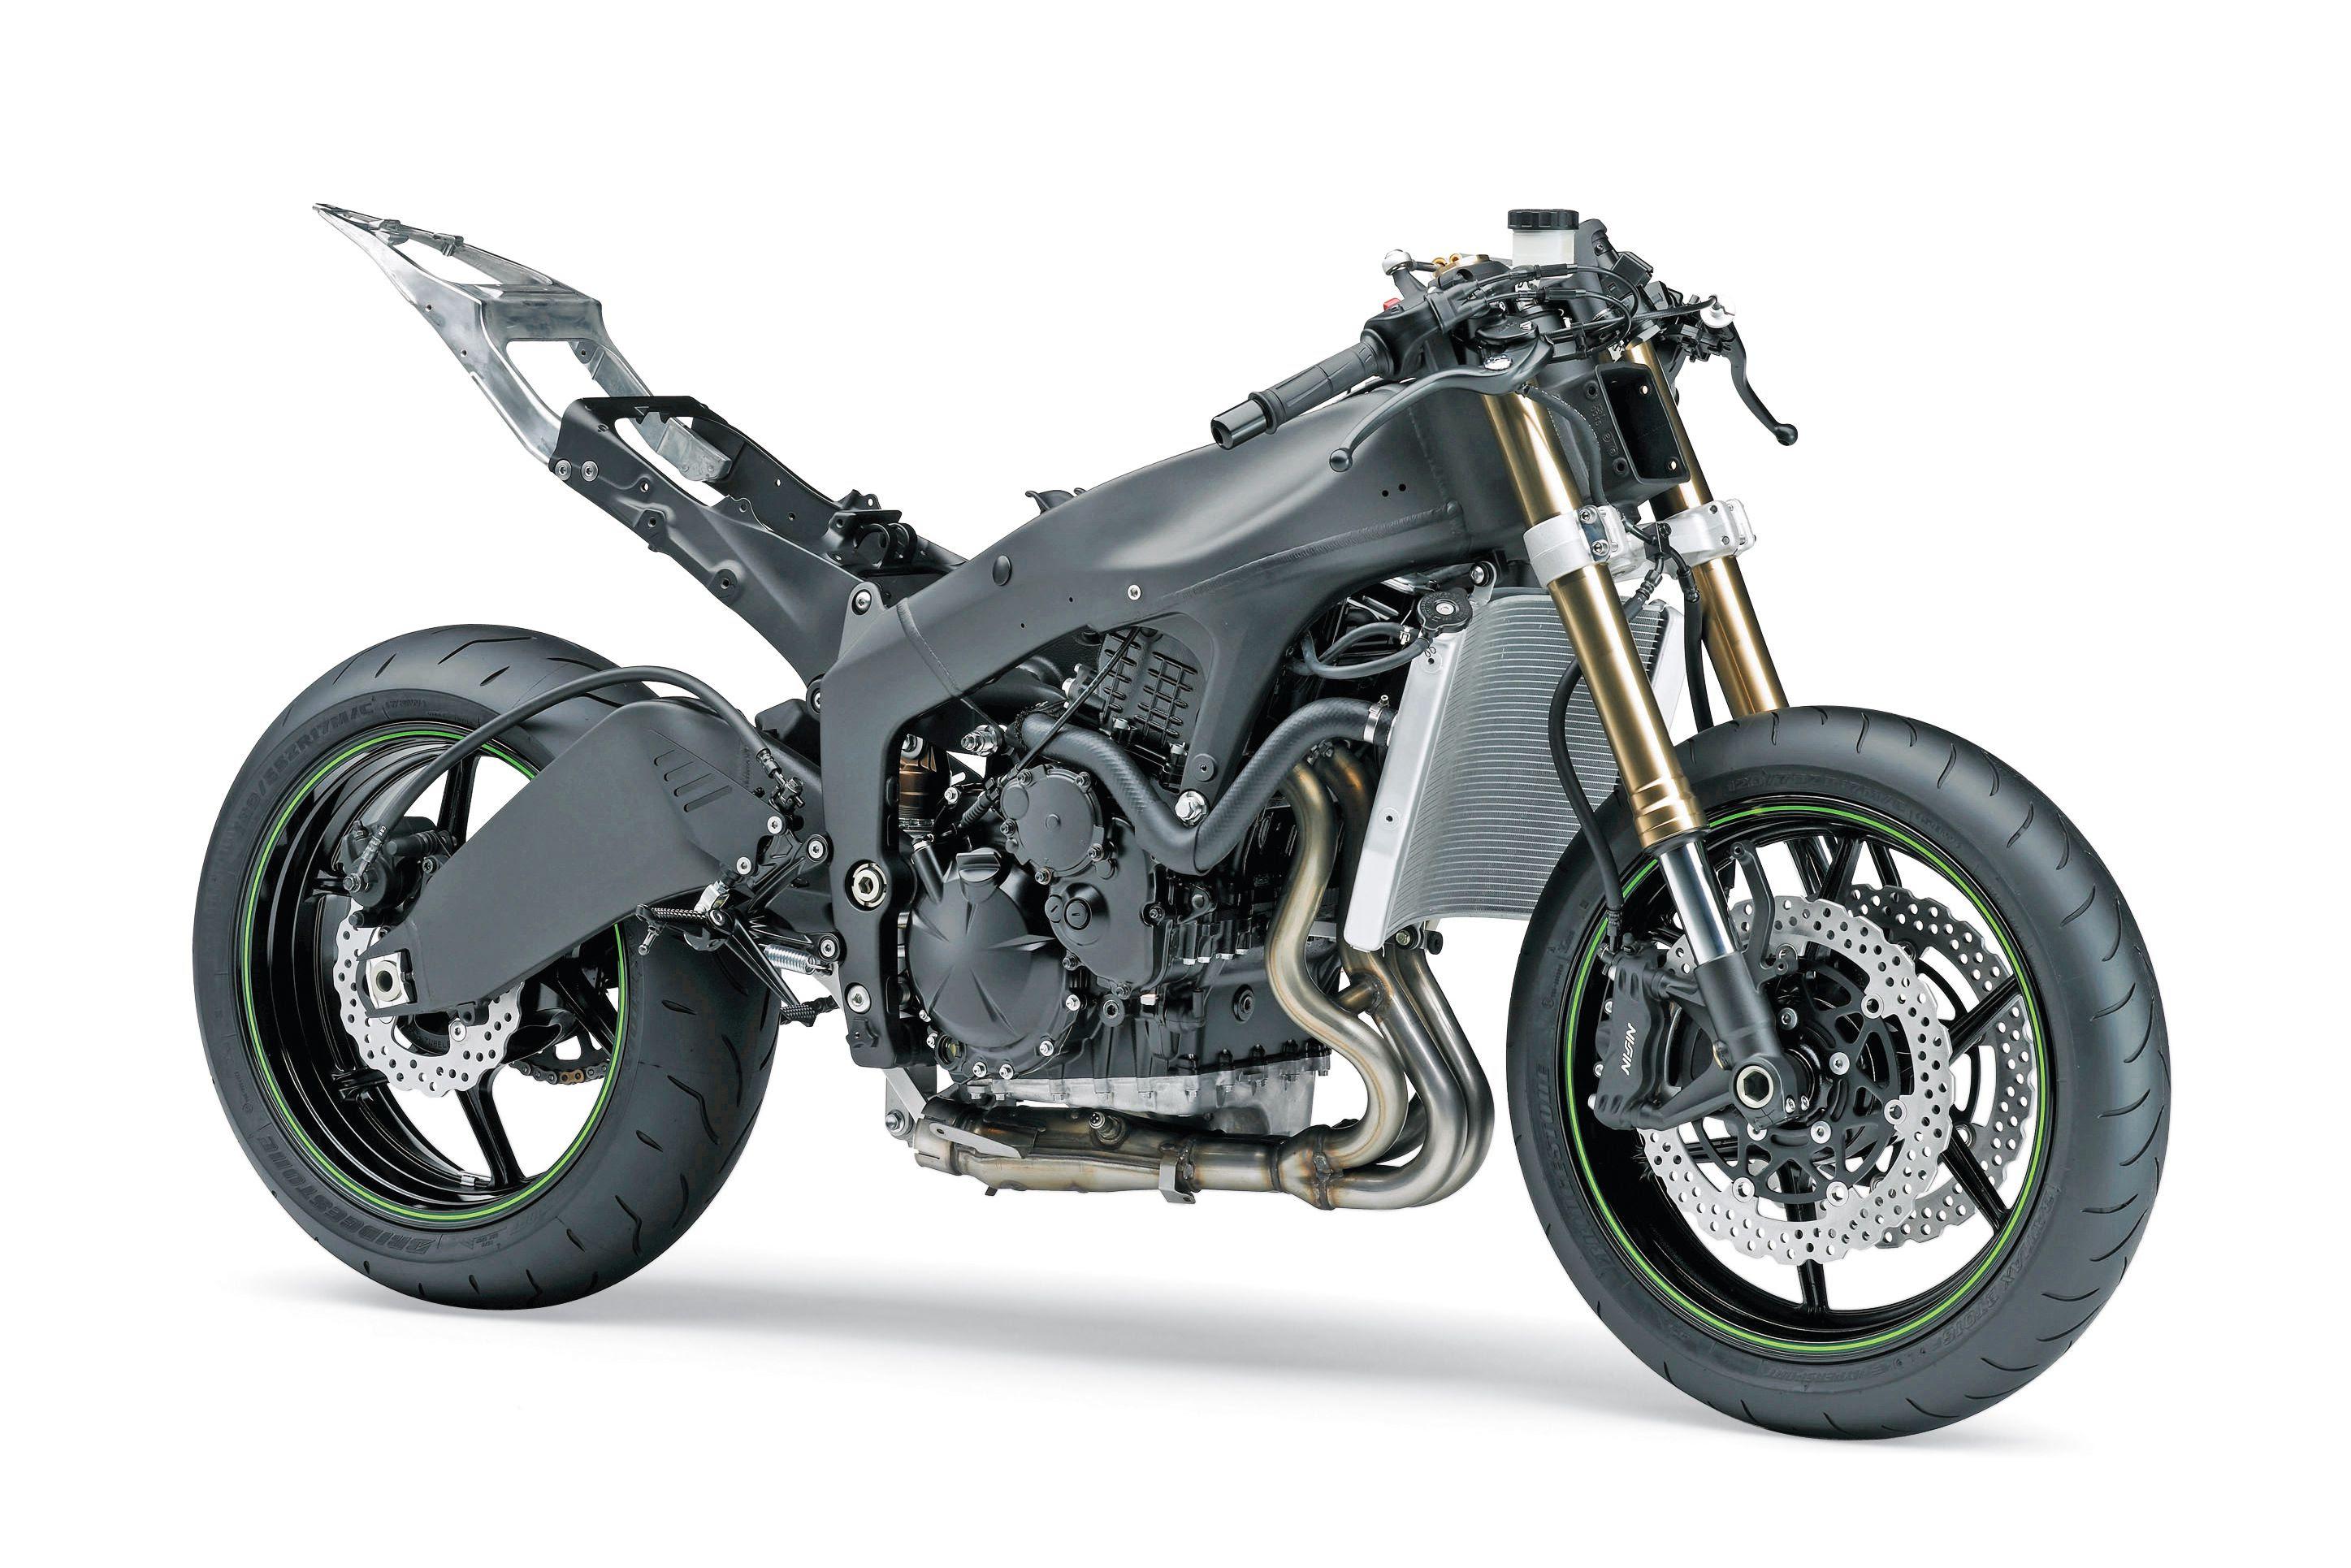 2009 Kawasaki Ninja Zx 6r Motorcycle Review Cycle World